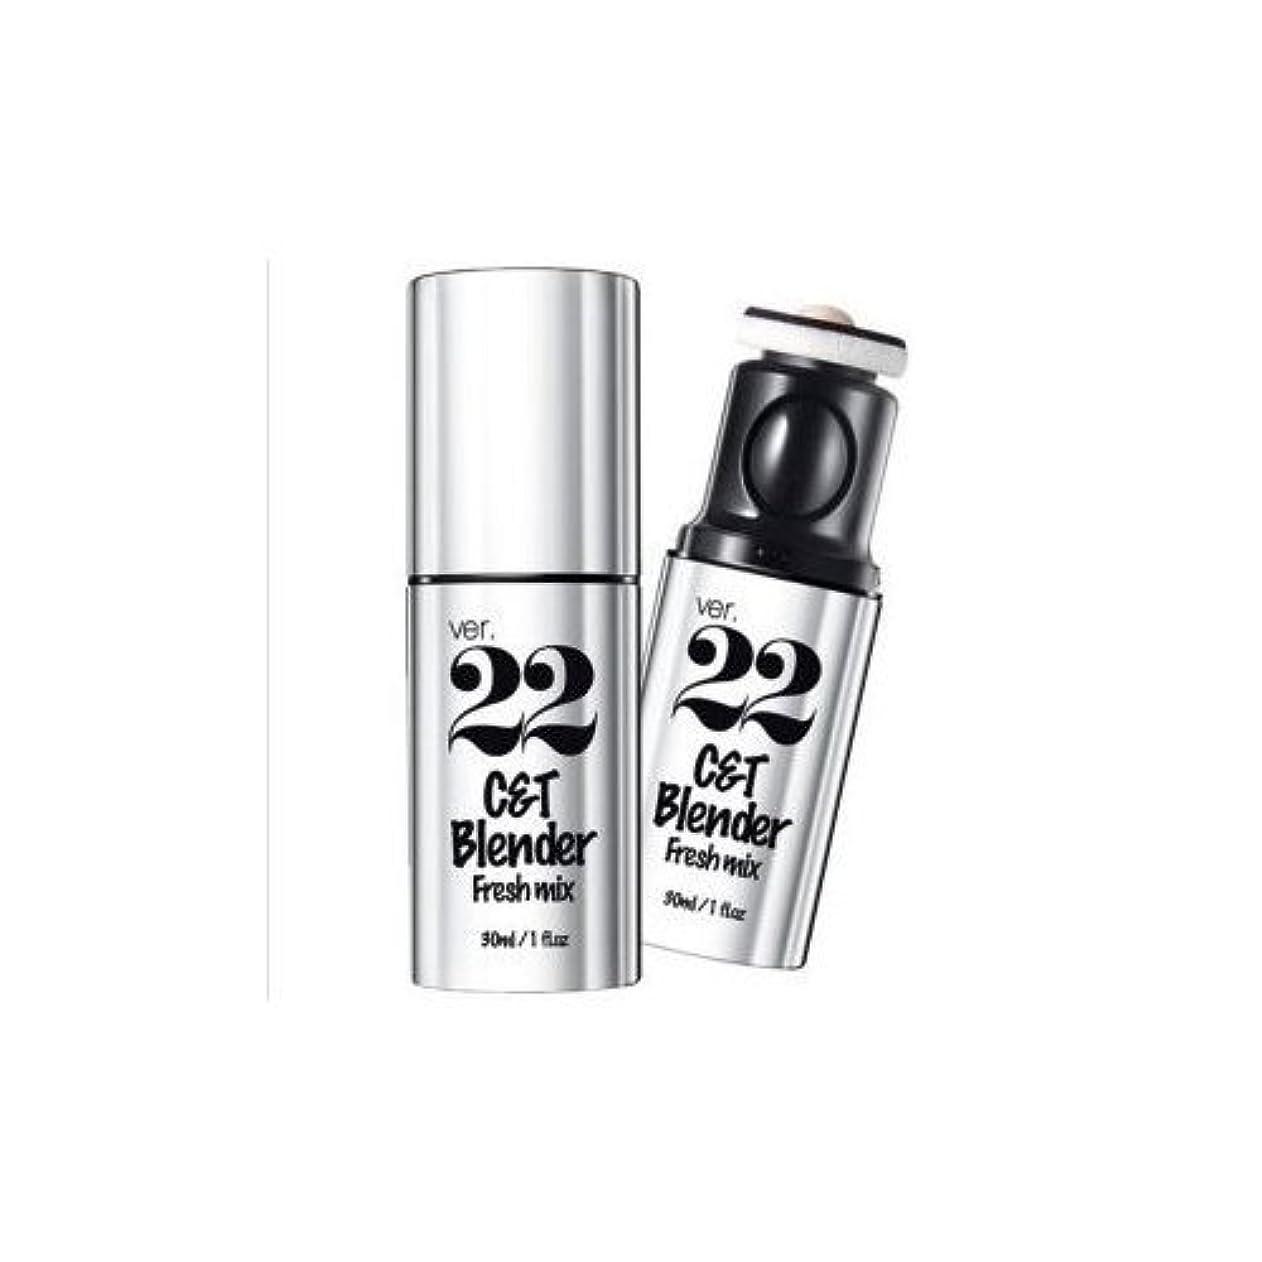 ヒット過剰アトラスchosungah22 C&T Blender Fresh Mix 30ml, Capsule Foundation, #01, Korean Cosmetics